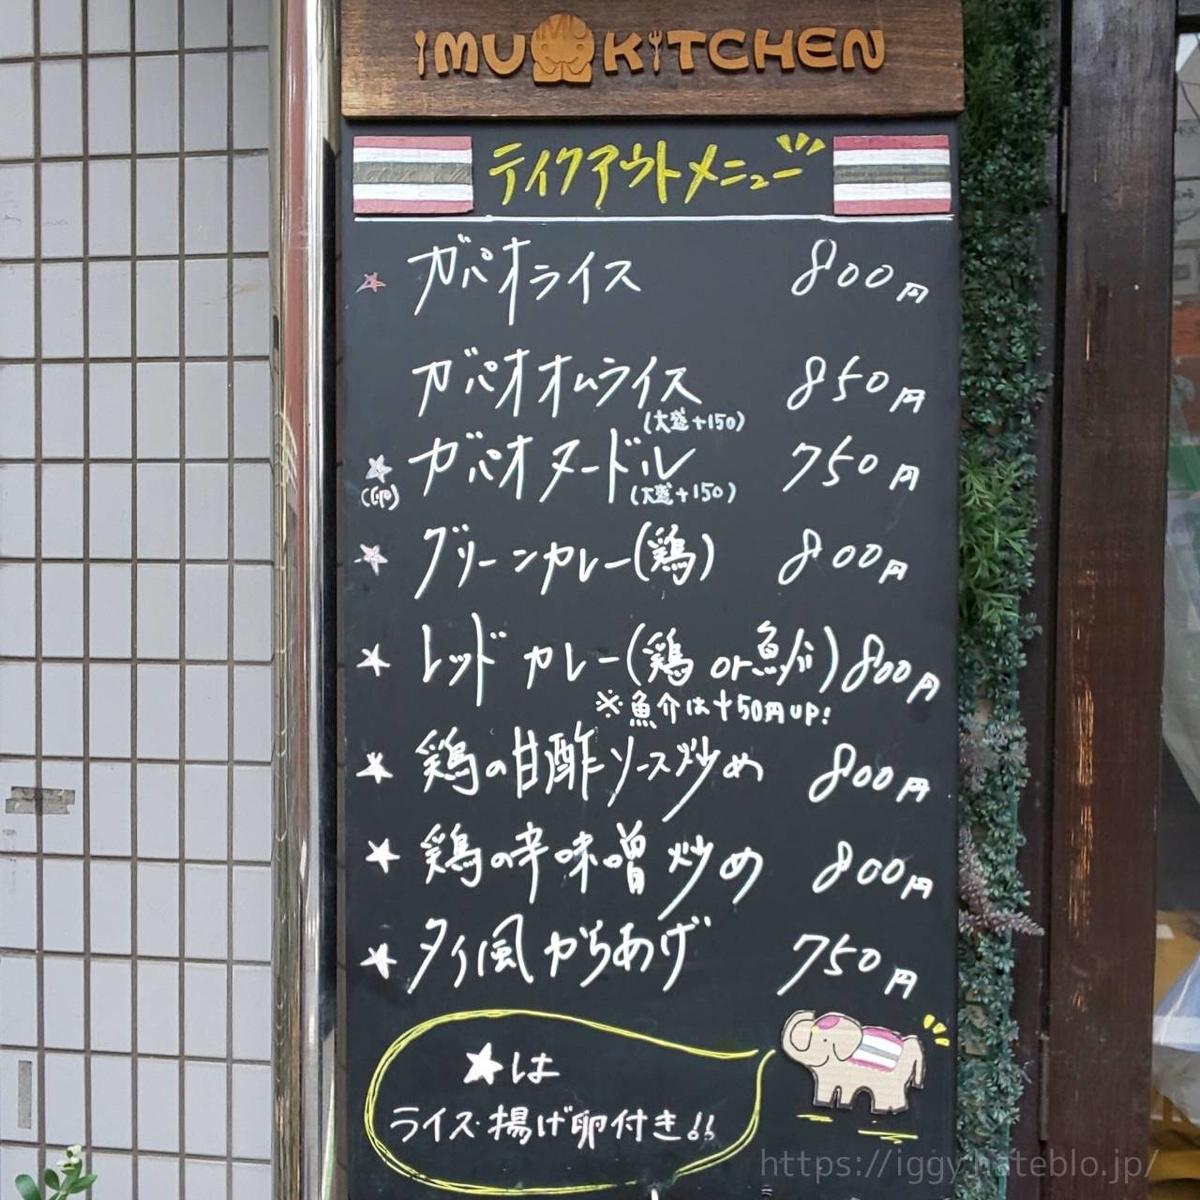 アジアンフード・イムキッチン メニュー  LIFE